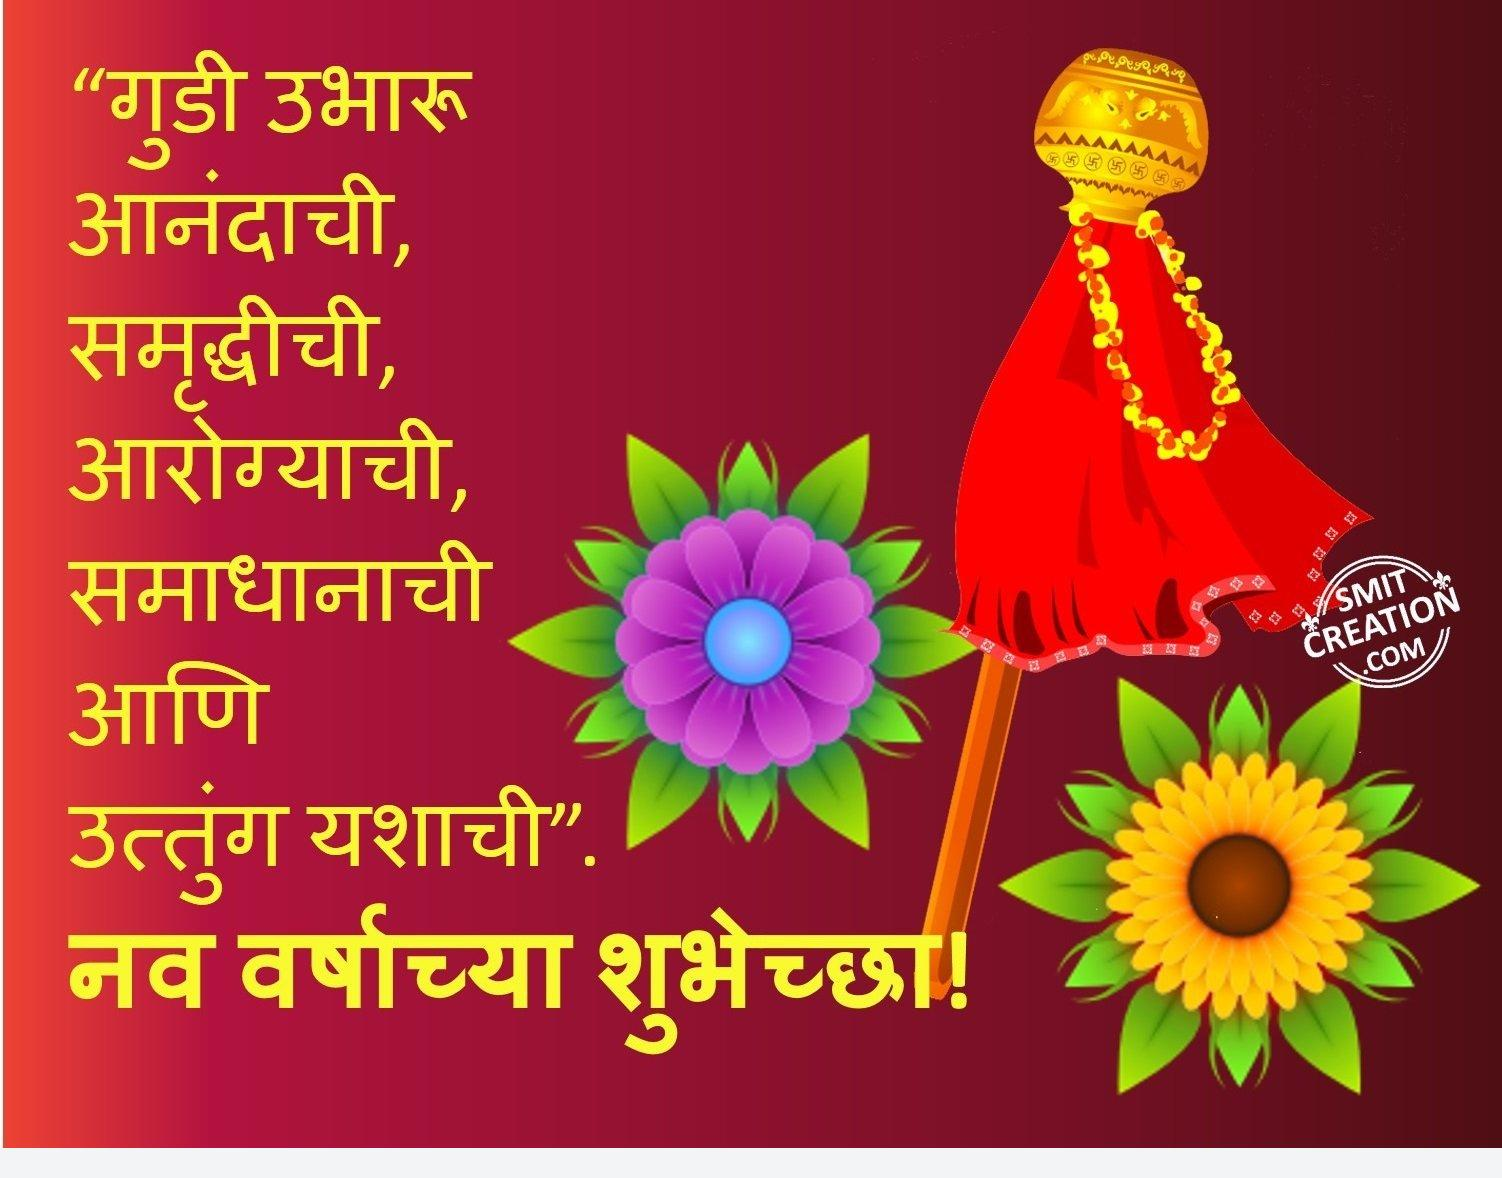 Nav varshachya shubhechha smitcreation download image m4hsunfo